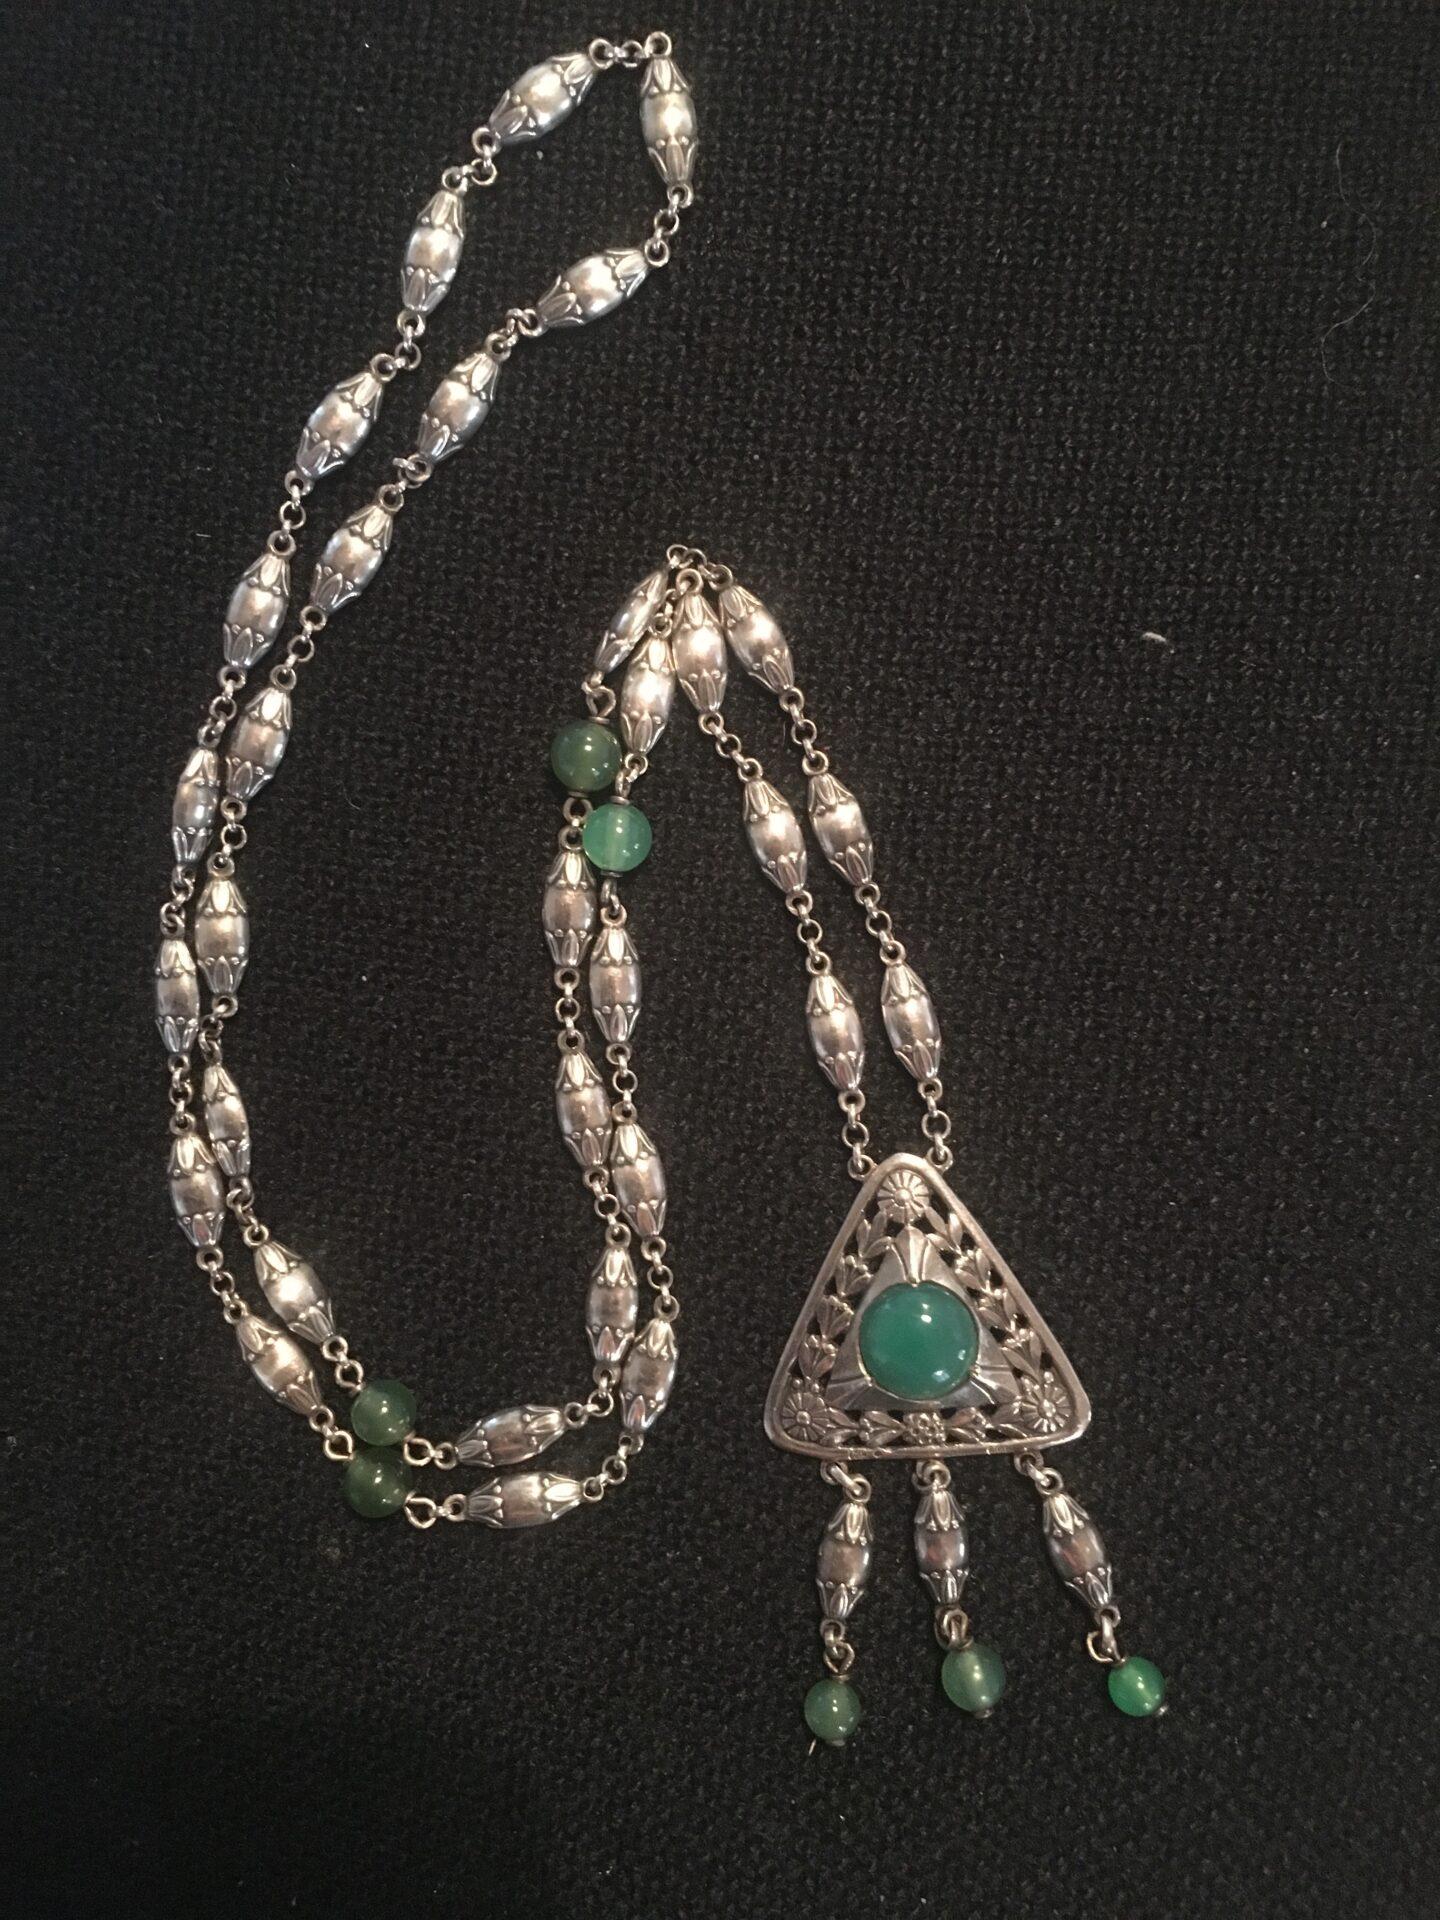 Gammel sølvkæde, stemplet 800 og et lidt utydelig mesttermærke (YH ???) l=70 cm, pris 800kr